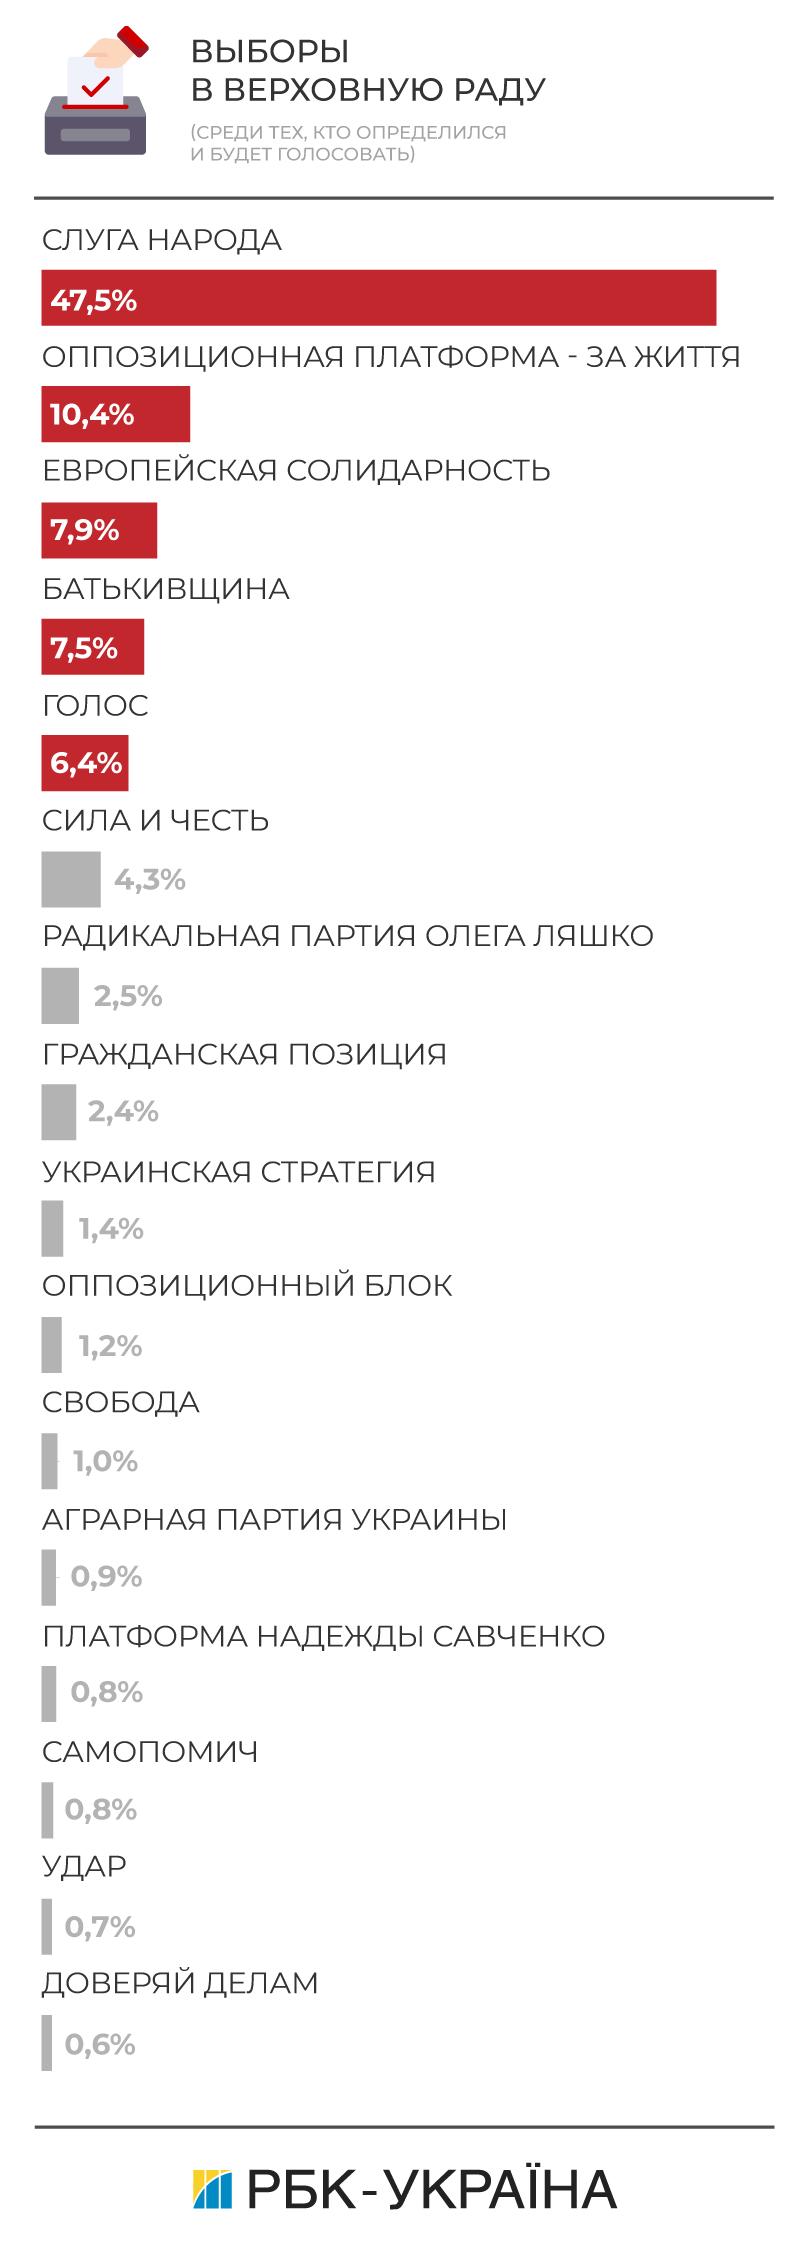 Выборы в Верховну Раду 2019